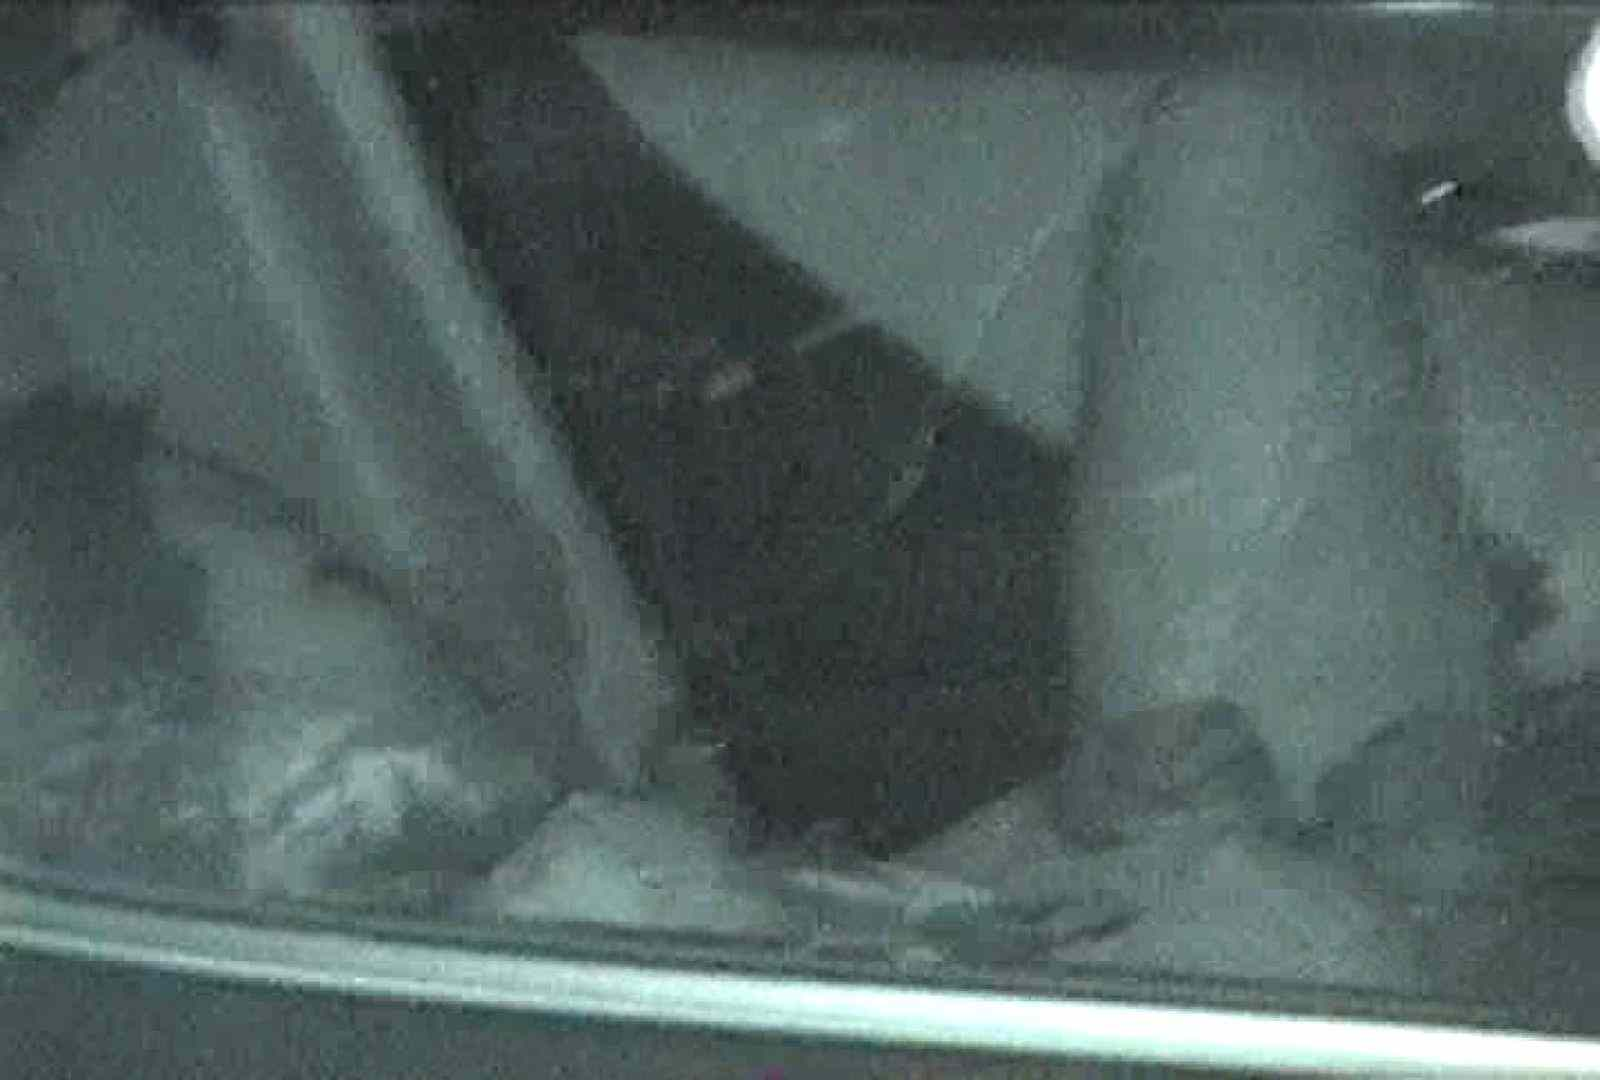 充血監督の深夜の運動会Vol.96 エロティックなOL オマンコ動画キャプチャ 106画像 7